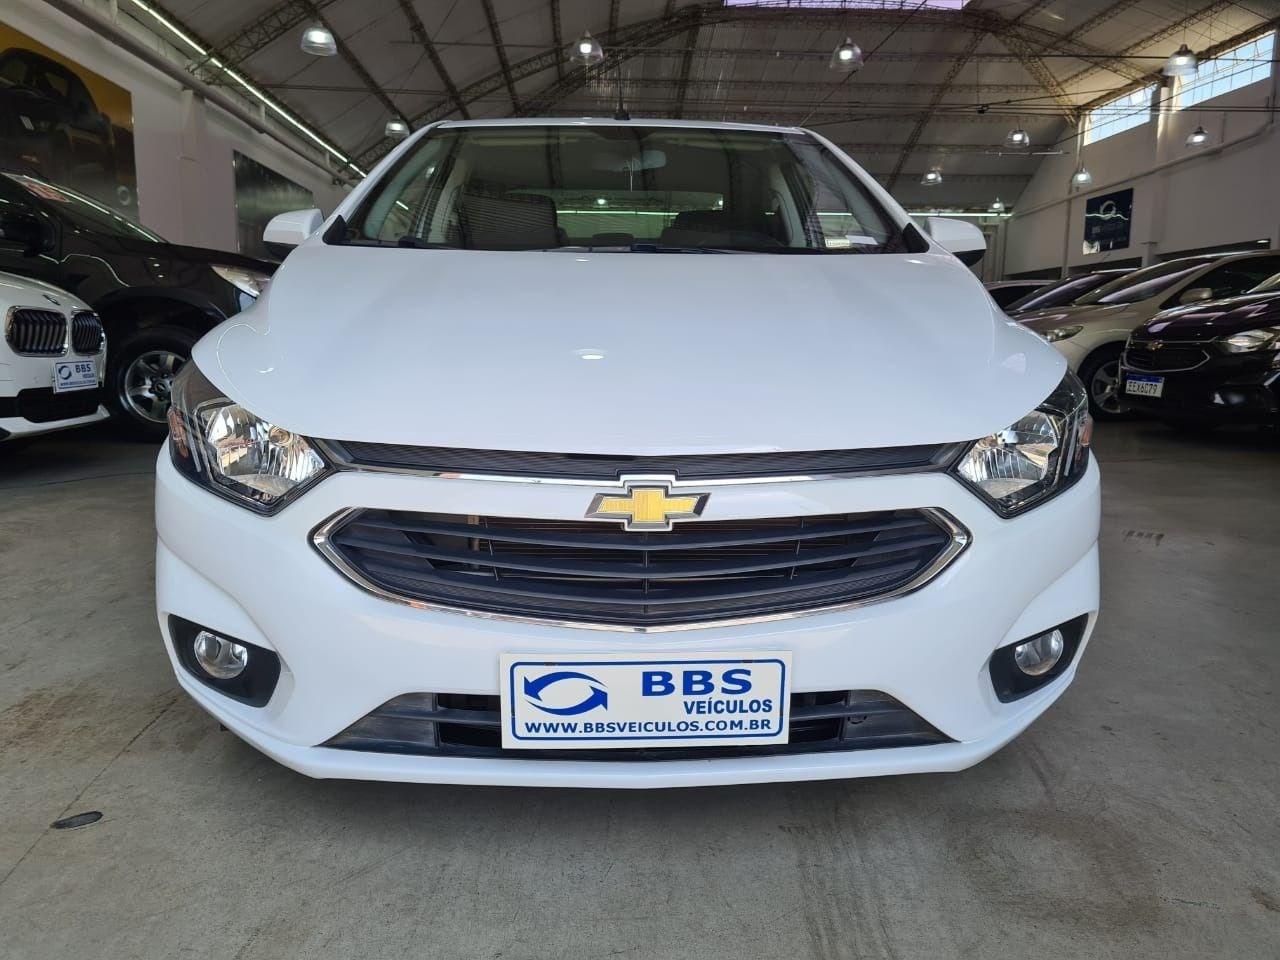 //www.autoline.com.br/carro/chevrolet/prisma-14-ltz-8v-flex-4p-manual/2019/sao-paulo-sp/13660321